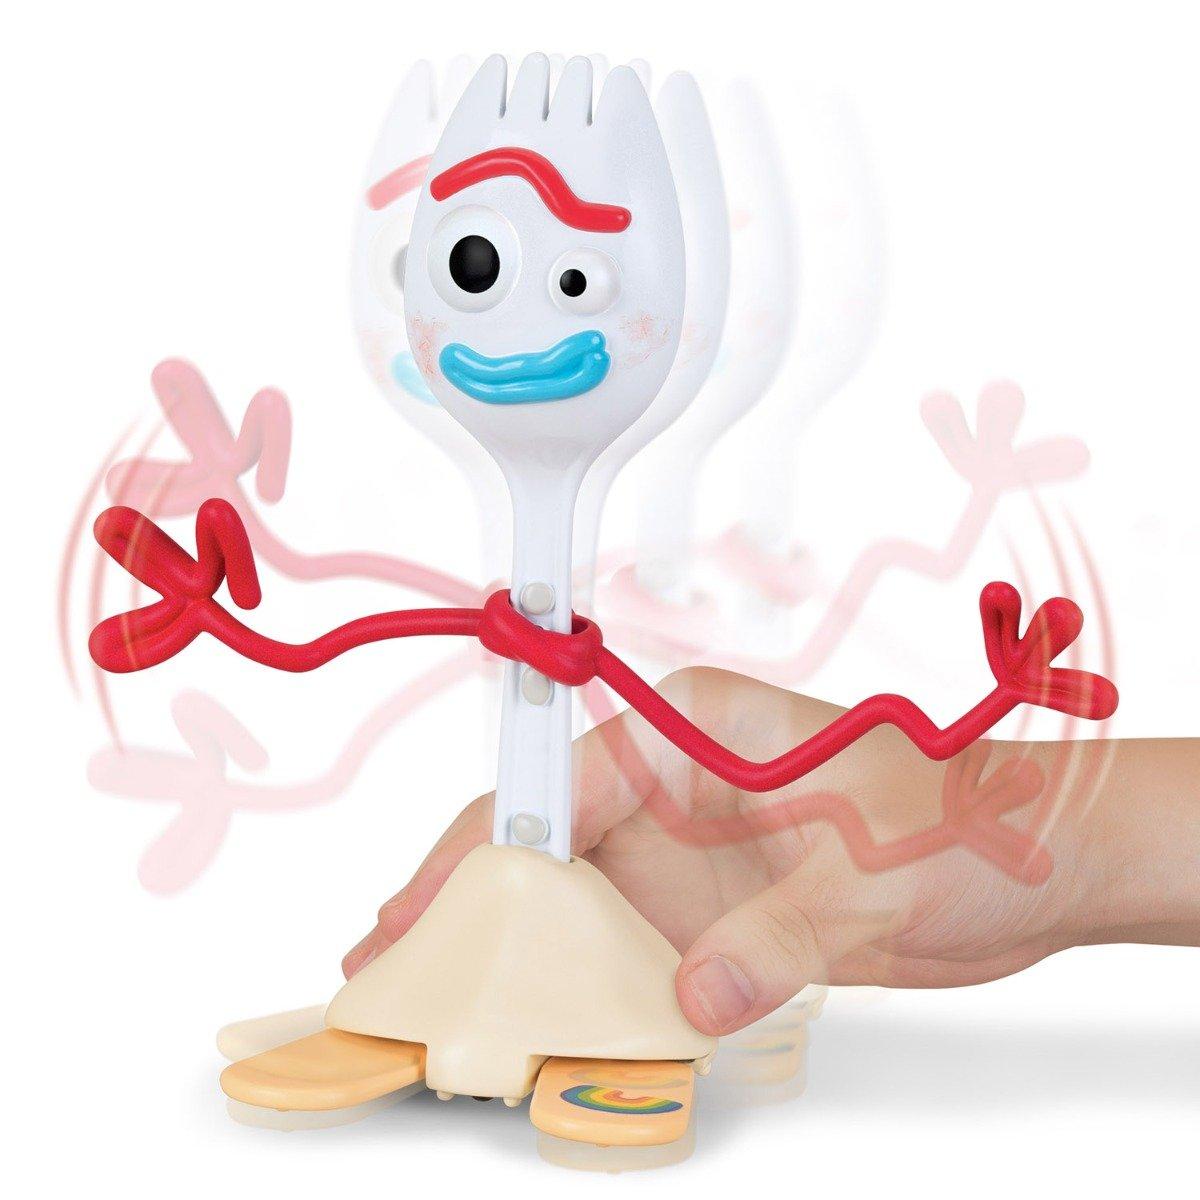 Figurina Toy Story 4, Forky